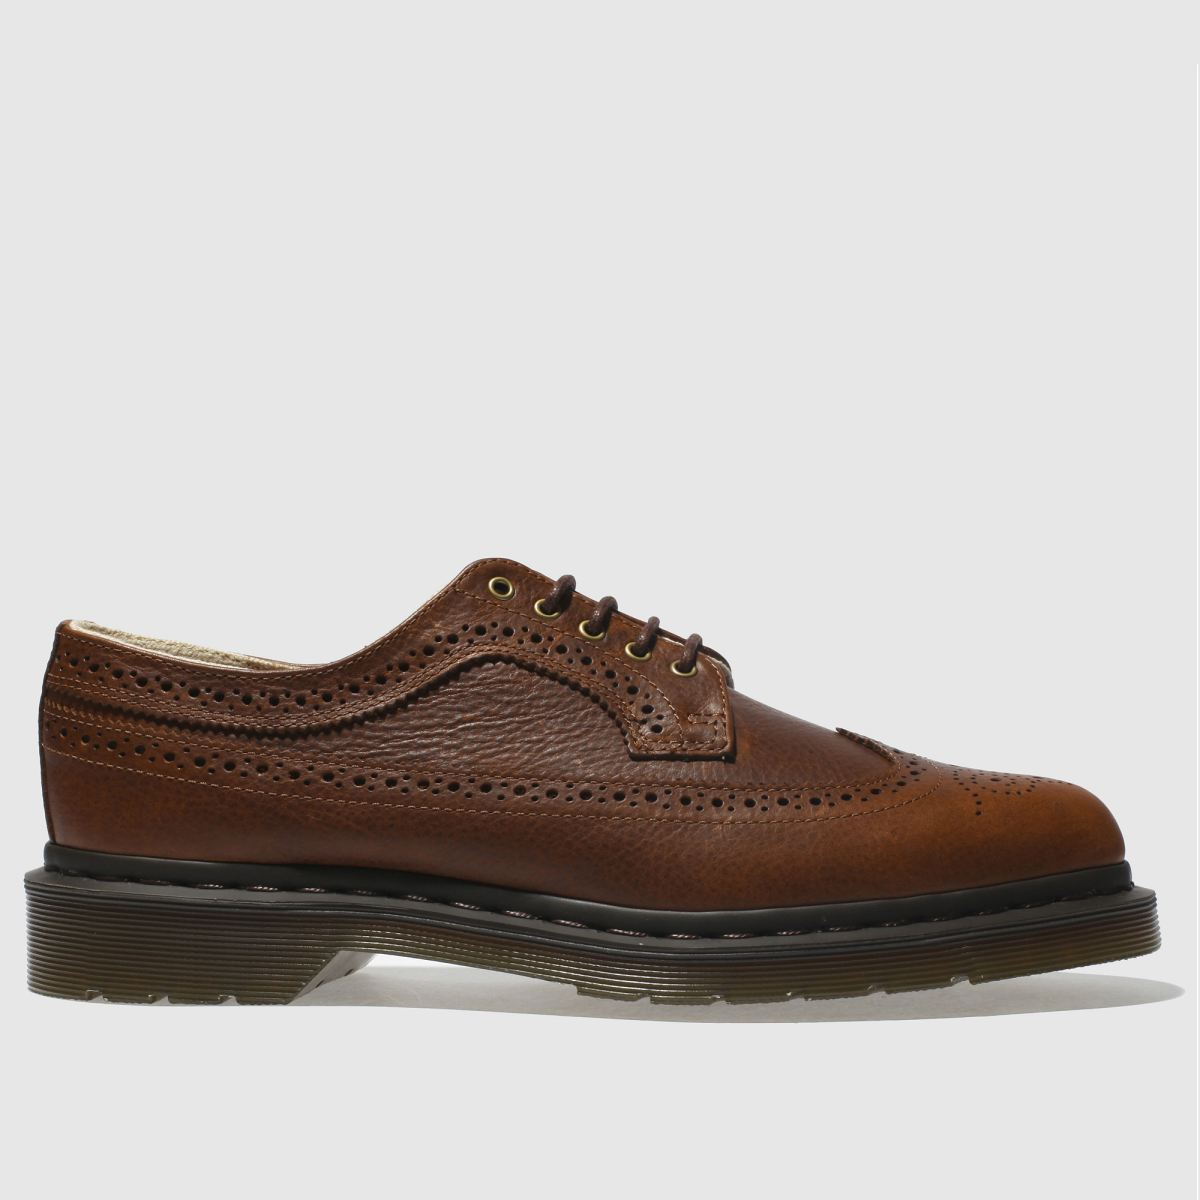 Dr Martens Tan 3989 Shoes